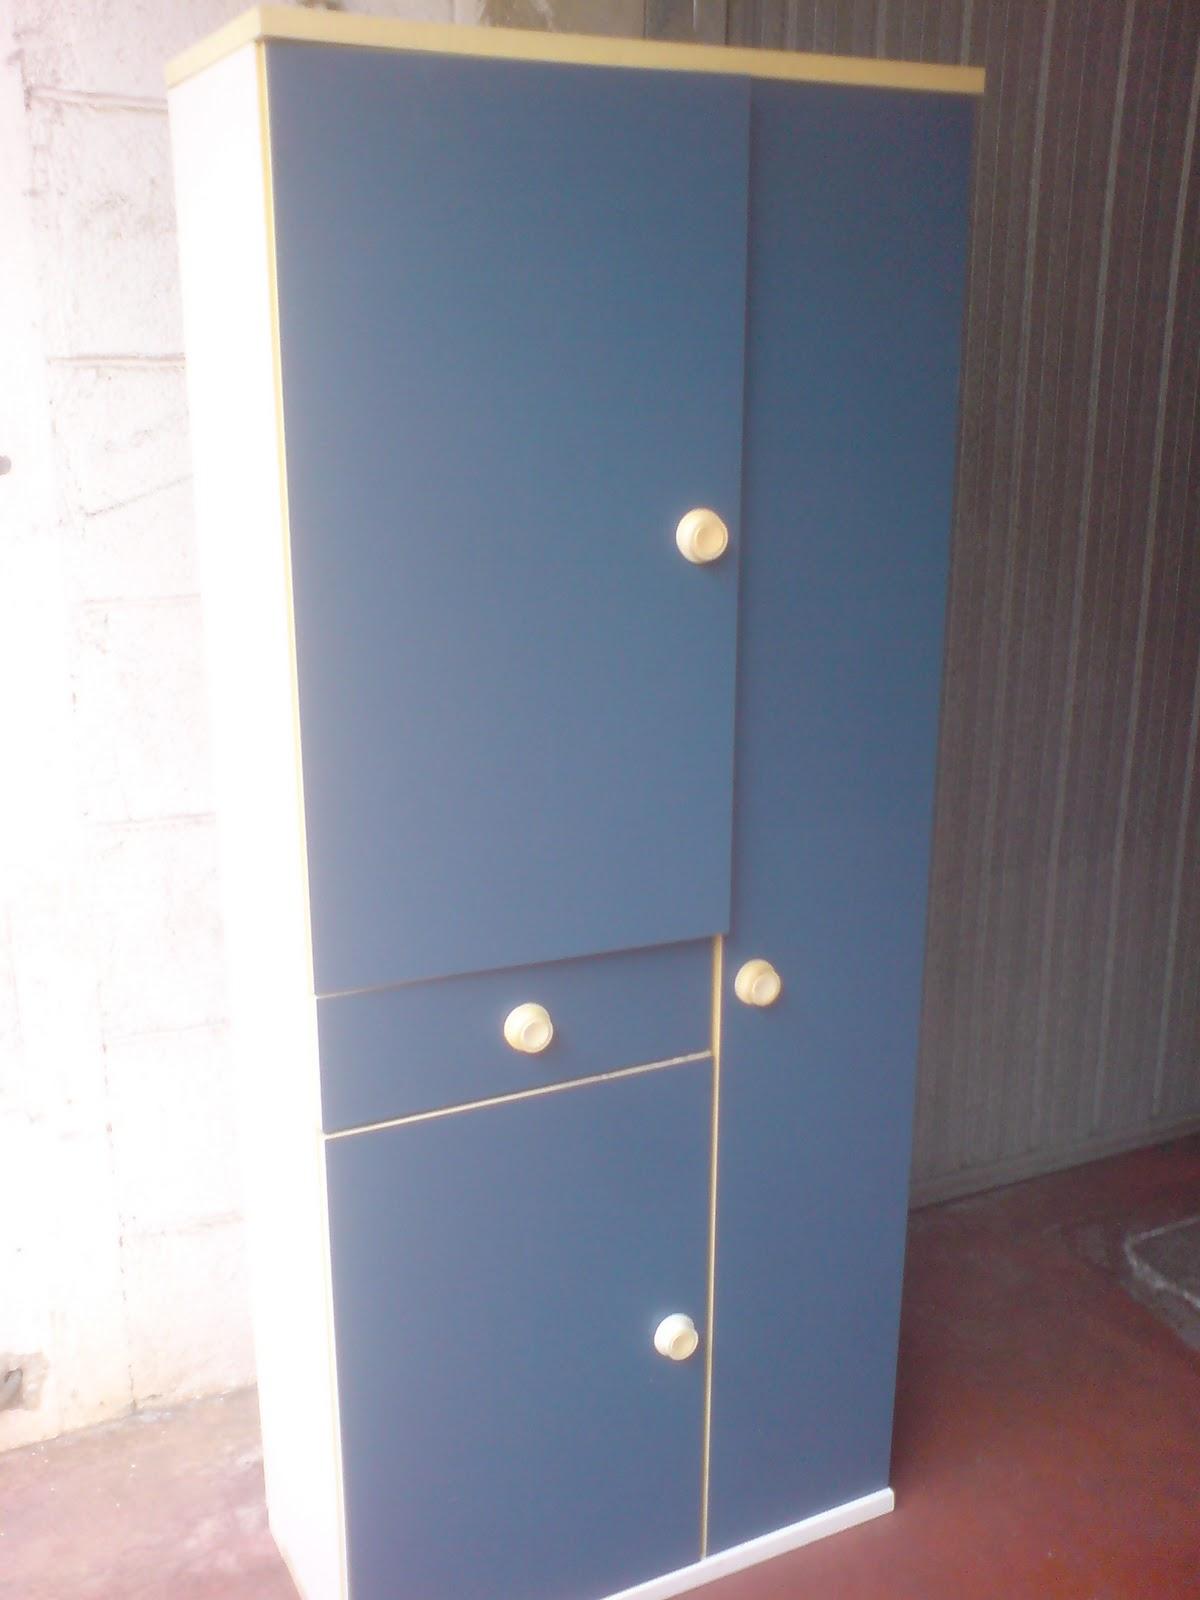 Mobiletto Multiuso 167 X 57 X 32 Cm. Posibilita Di Trasporto Roma E  #91713A 1200 1600 Mobiletto Da Cucina Ikea